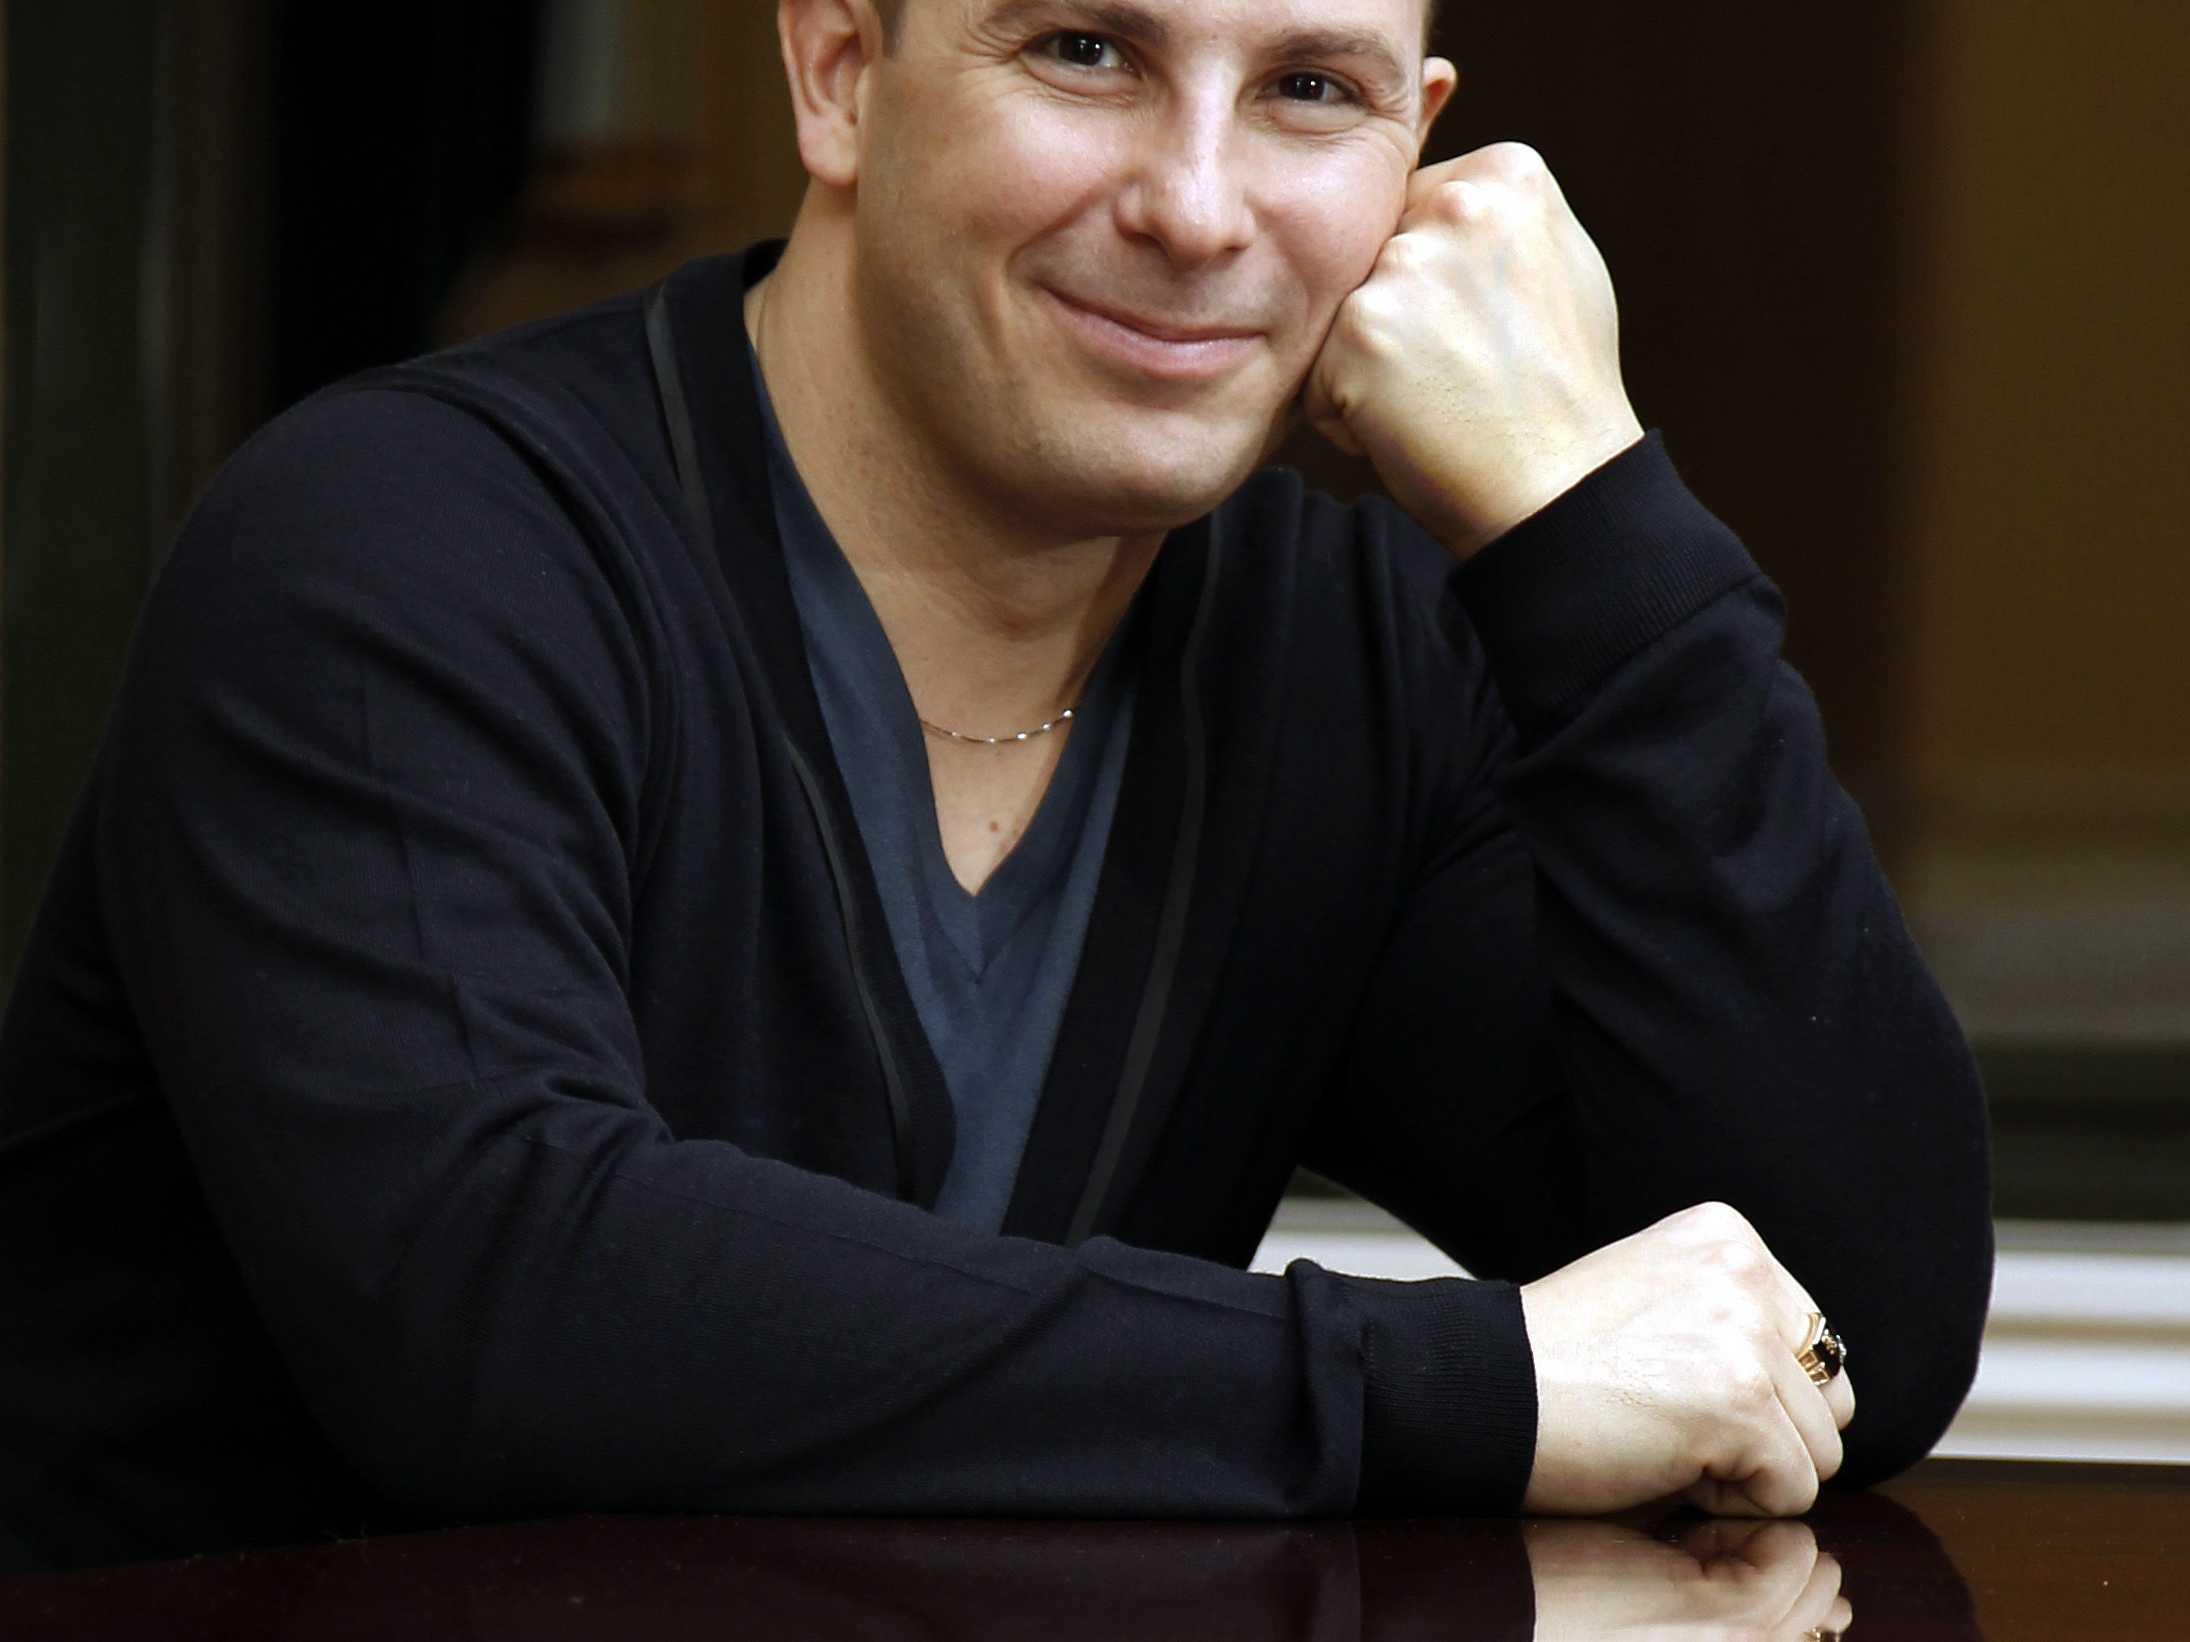 Nezet-Seguin Becomes Met Opera's Music Director Next Season